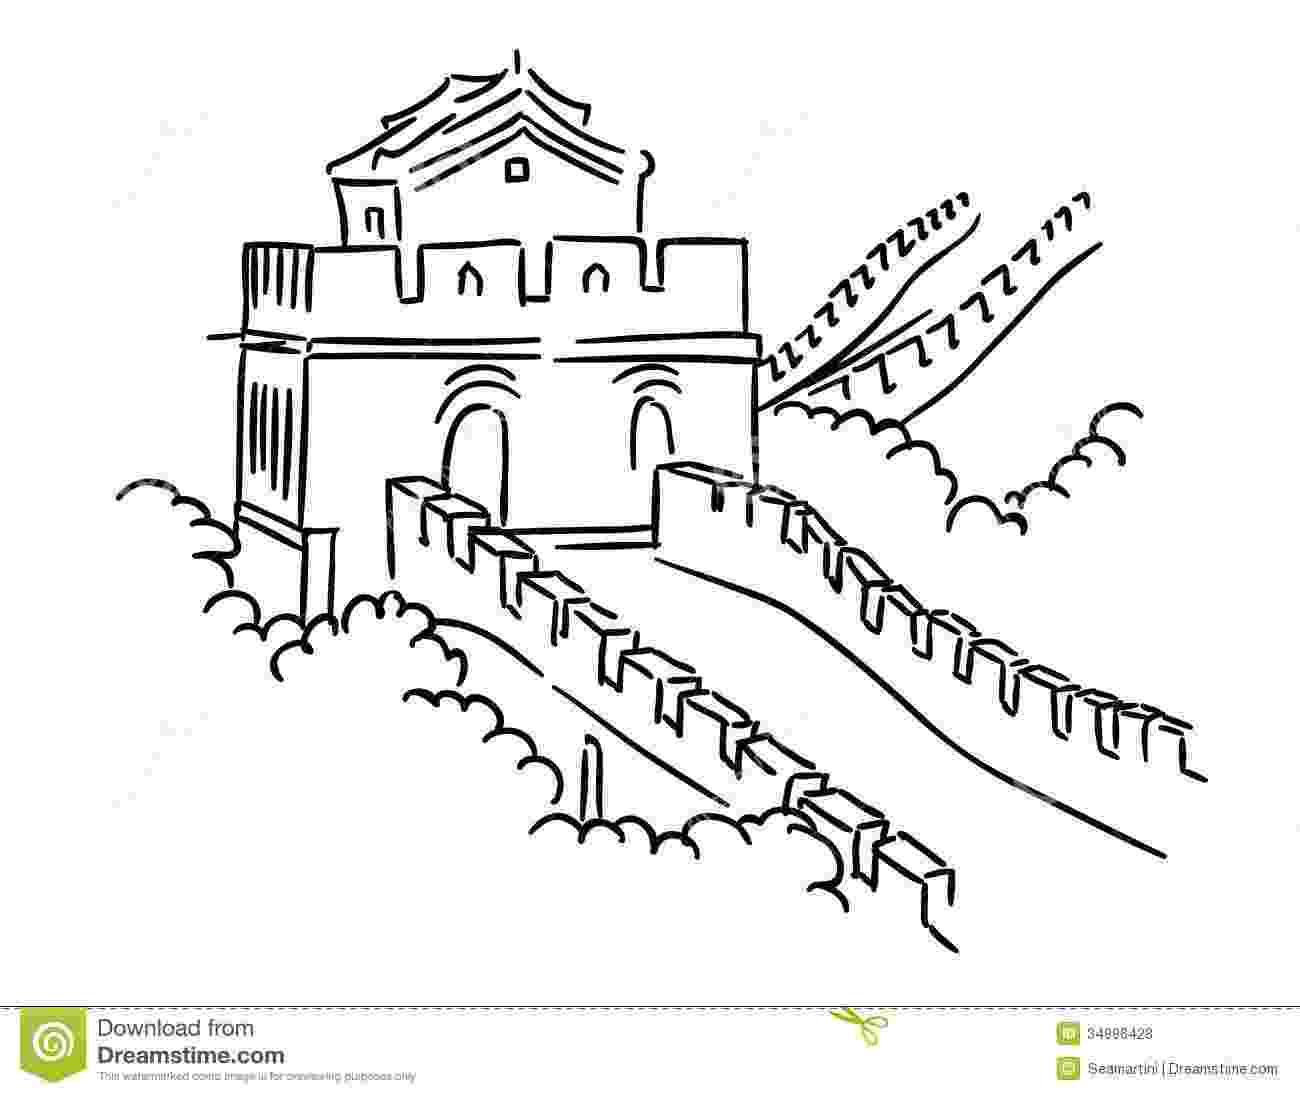 great wall of china coloring sheet desenhos da muralha da china para colorir coloring china of wall sheet great